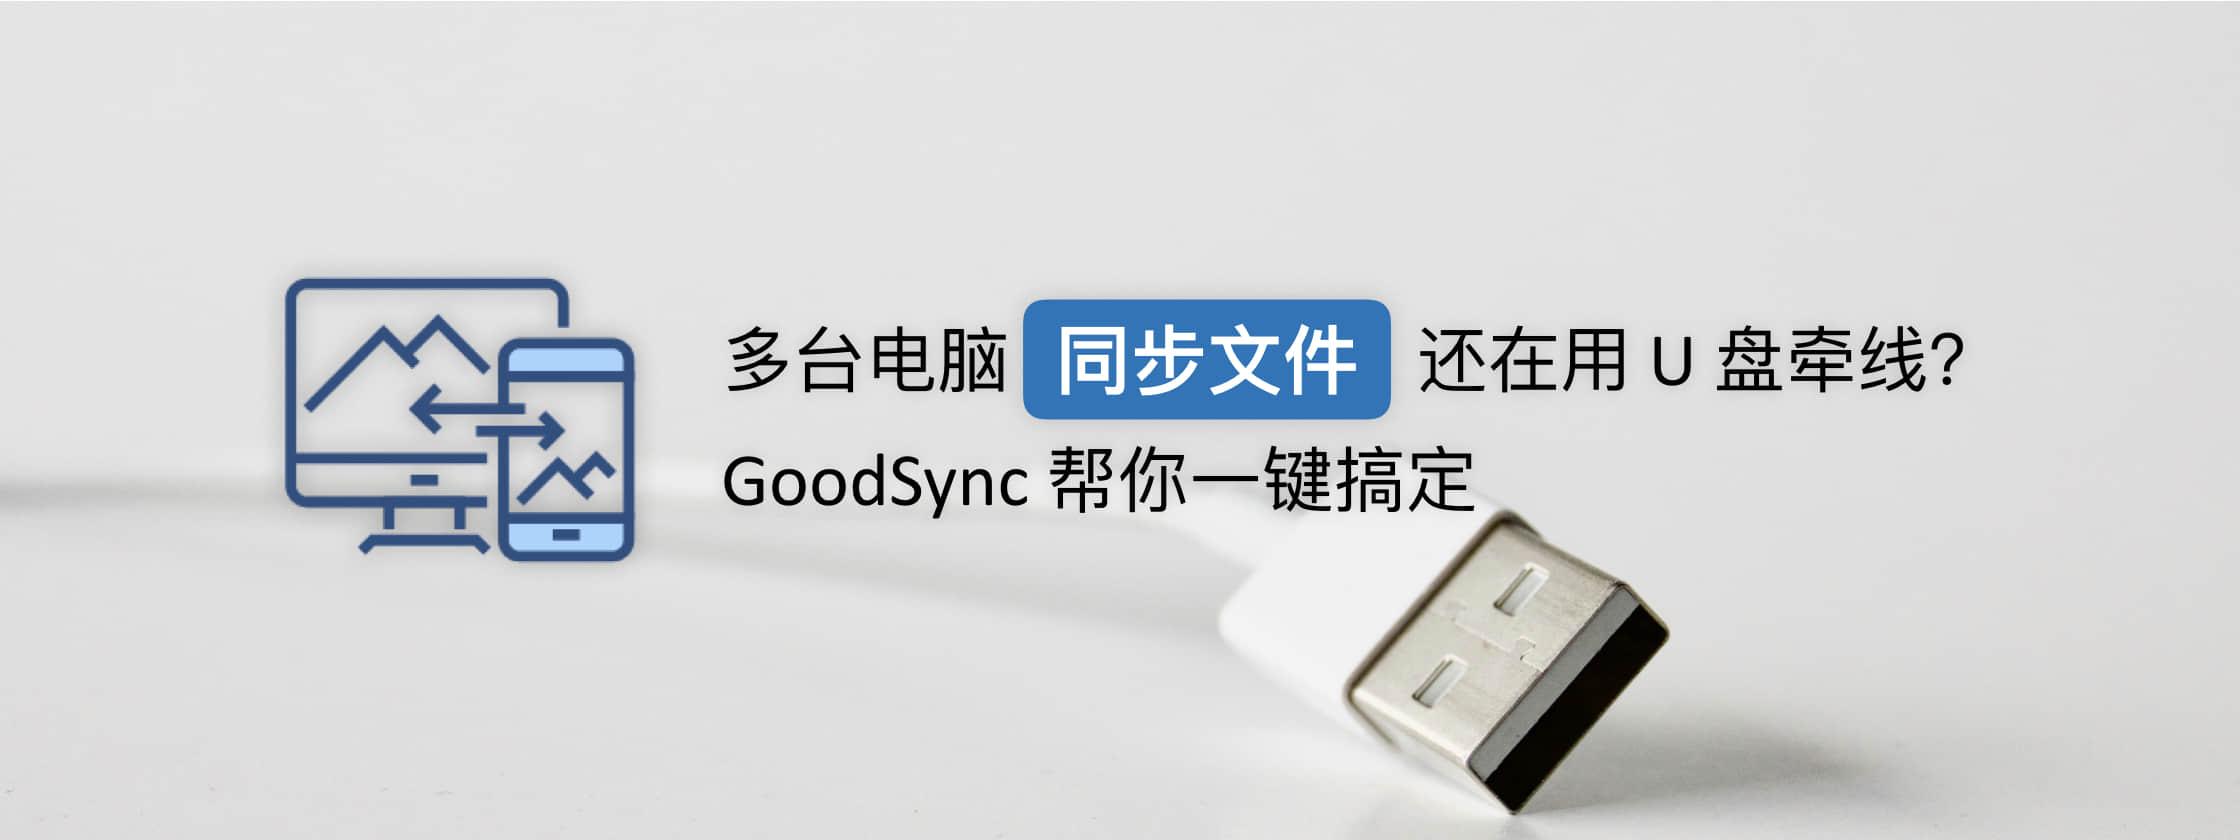 多台电脑同步文件还在用 U 盘牵线?GoodSync 帮你一键搞定